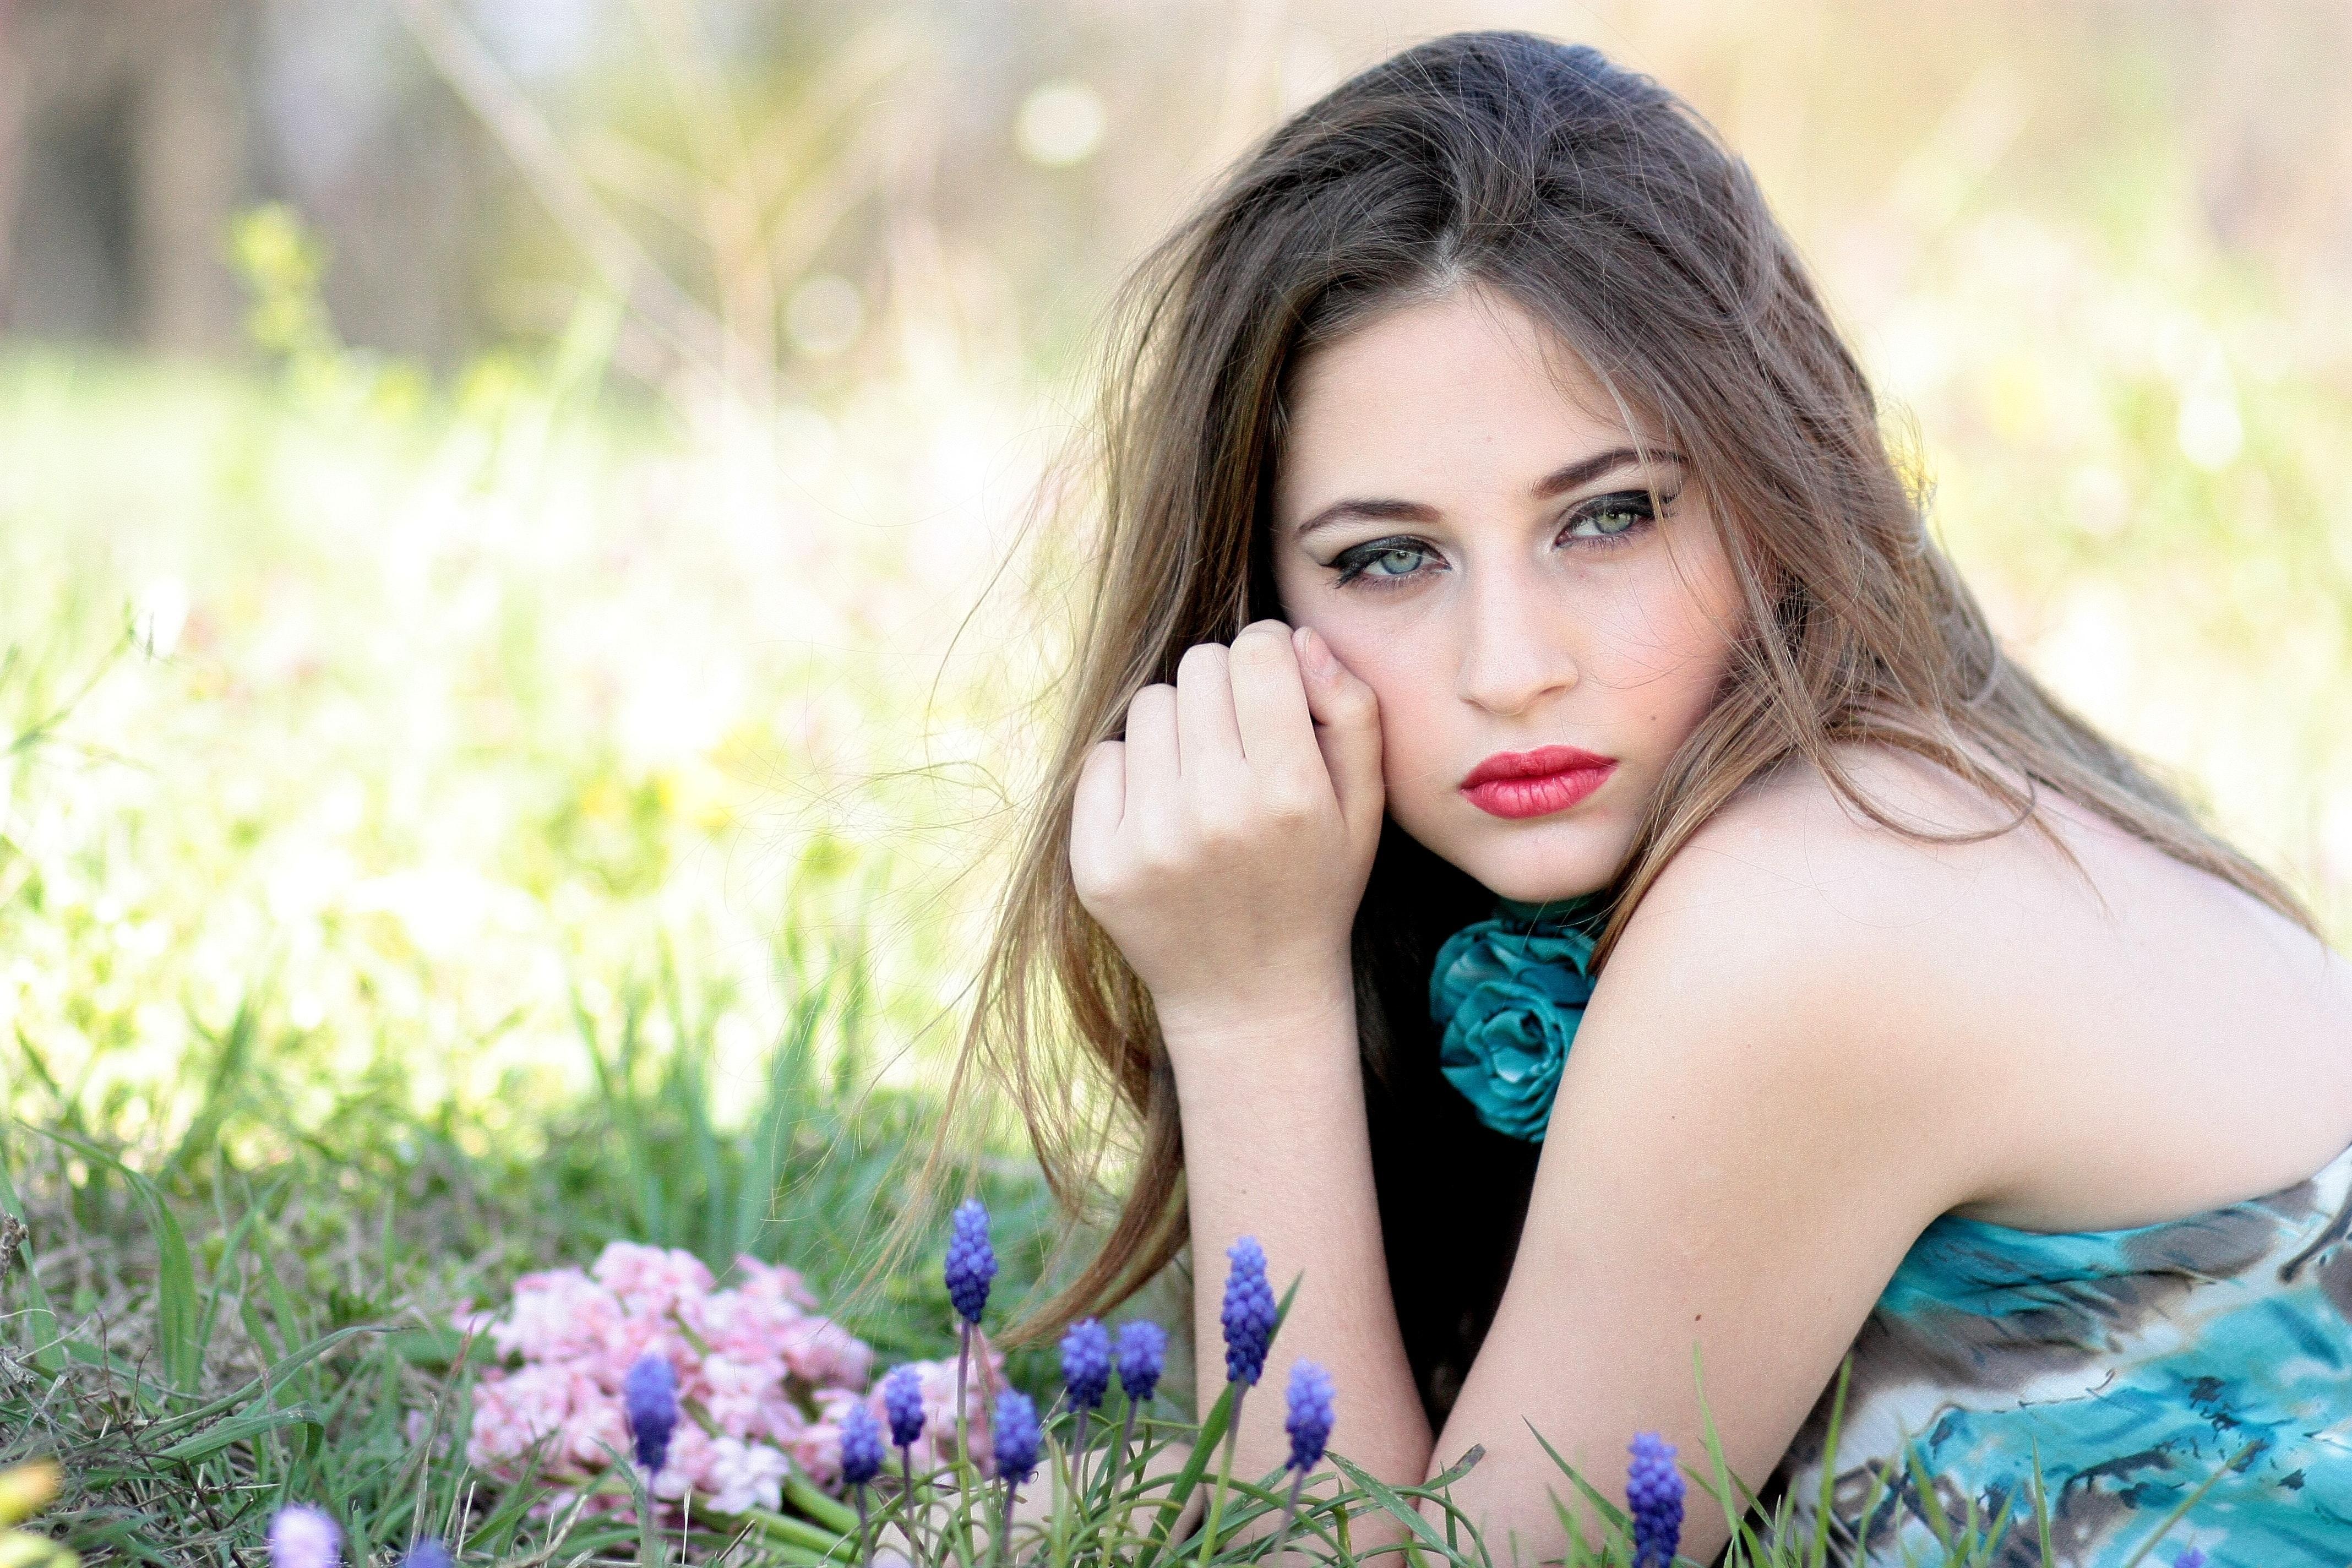 Portrait Of A Beautiful Woman Free Stock Photo